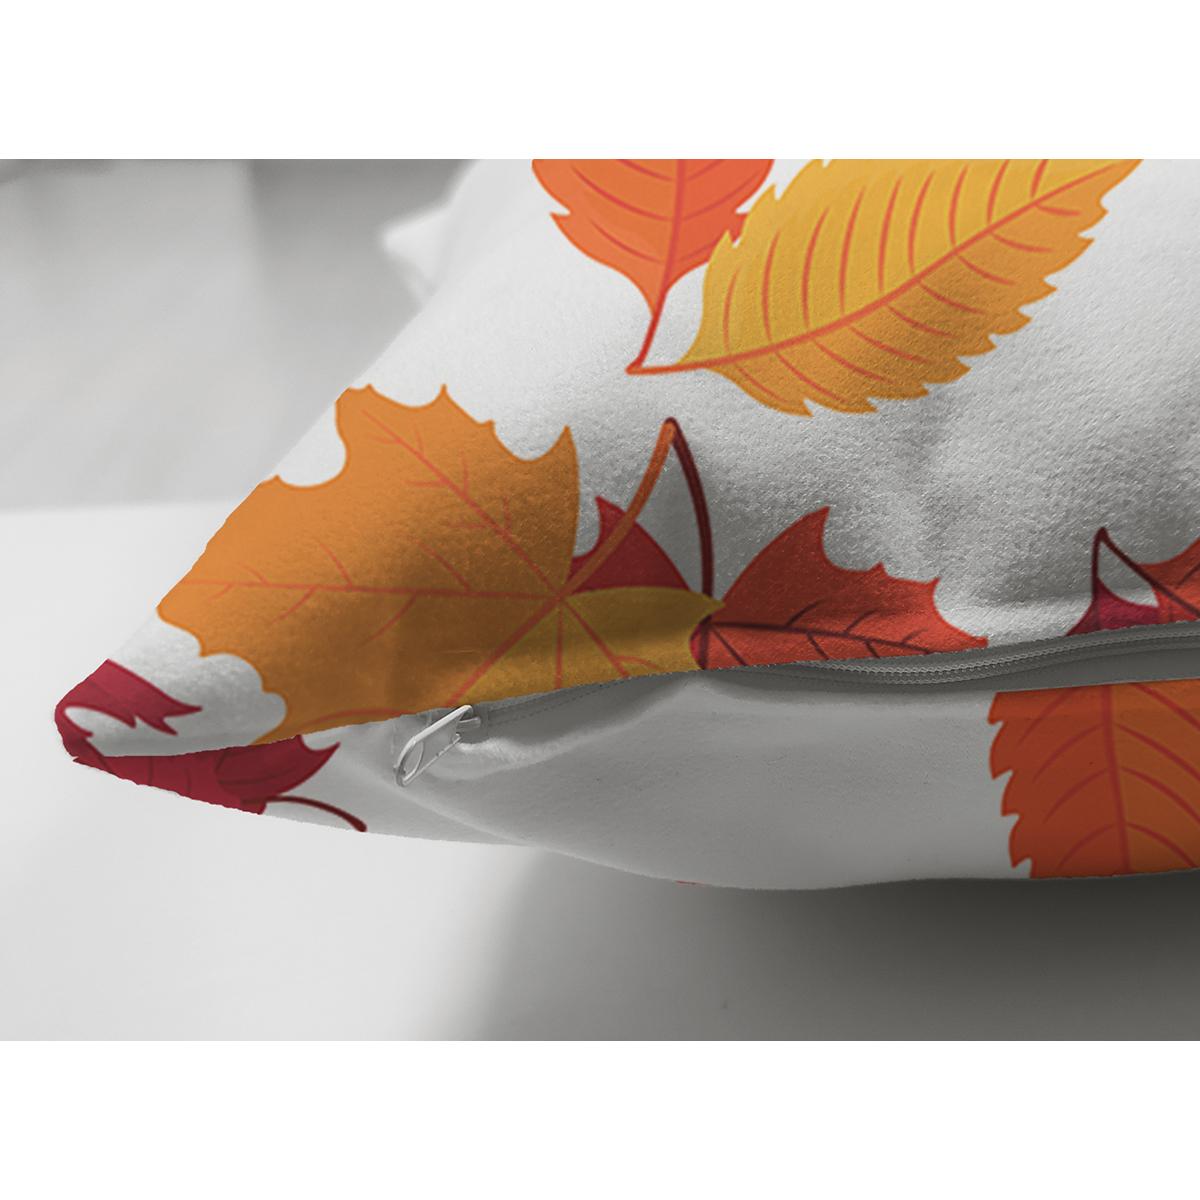 Çift Taraflı Beyaz Zemin Üzerinde Sonbahar Renkli Yaprak Desenli Süet Yastık Kırlent Kılıfı Realhomes